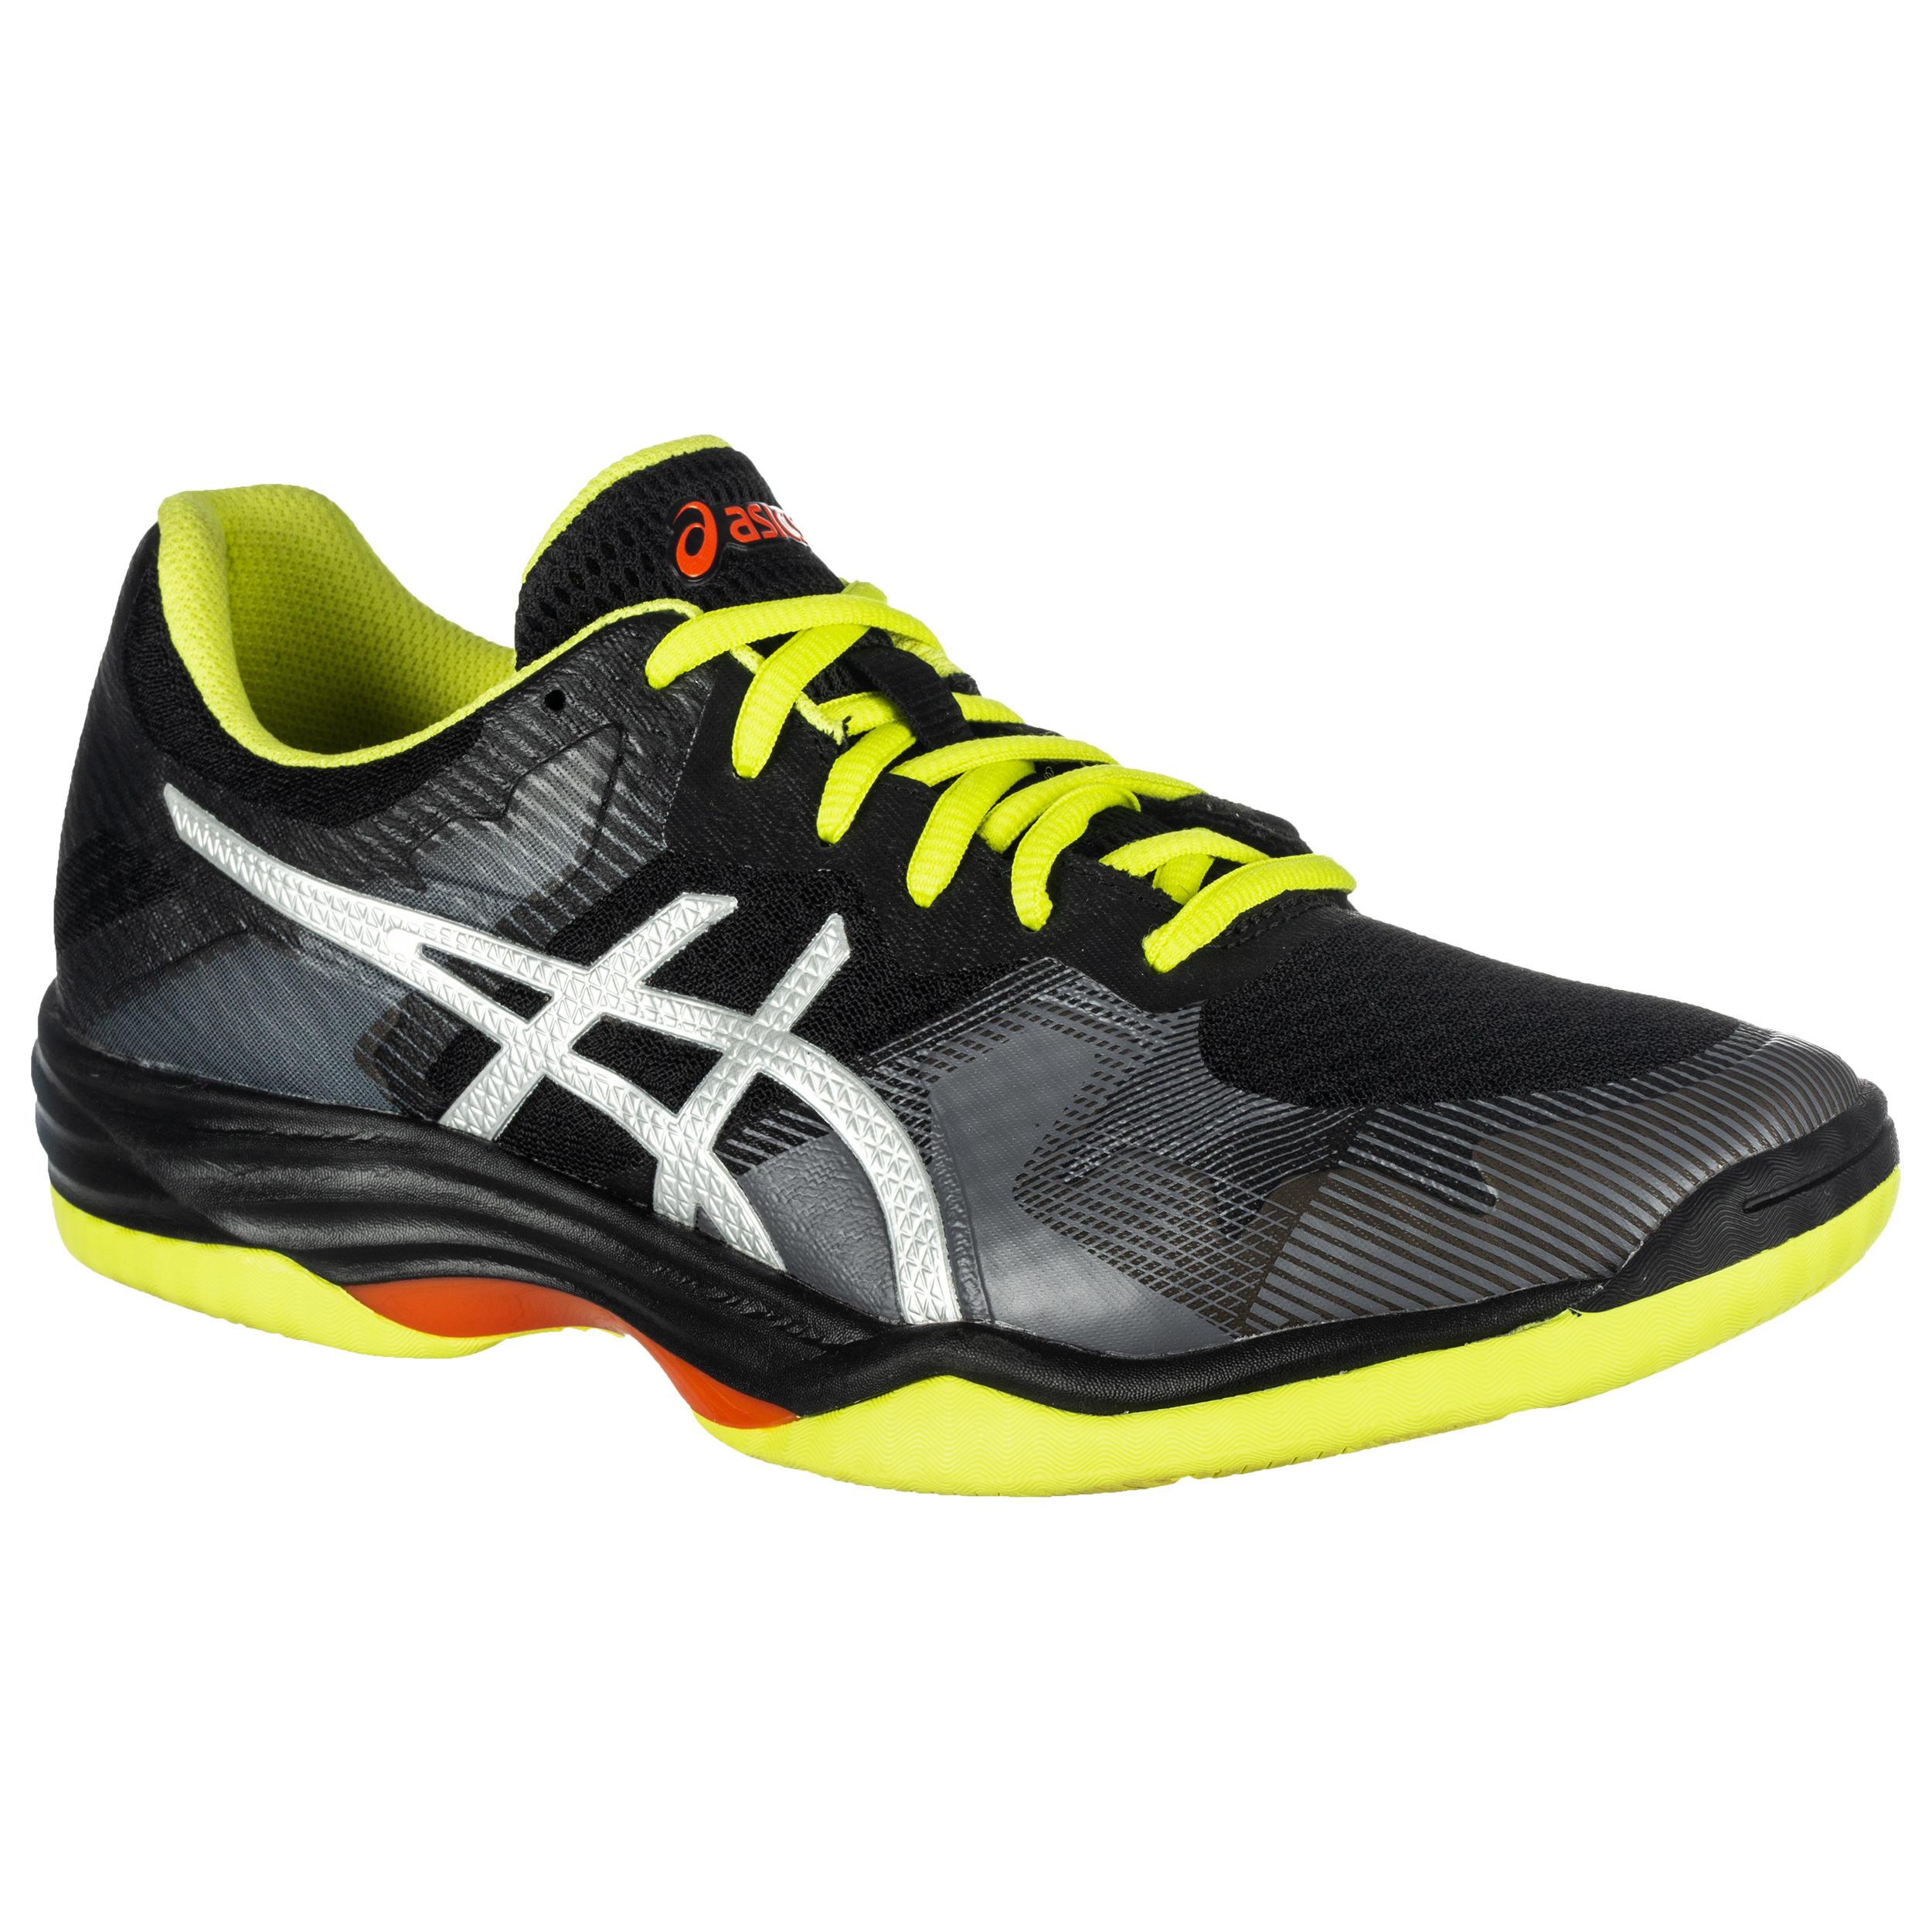 Chaussures de badminton homme gel tactic asics